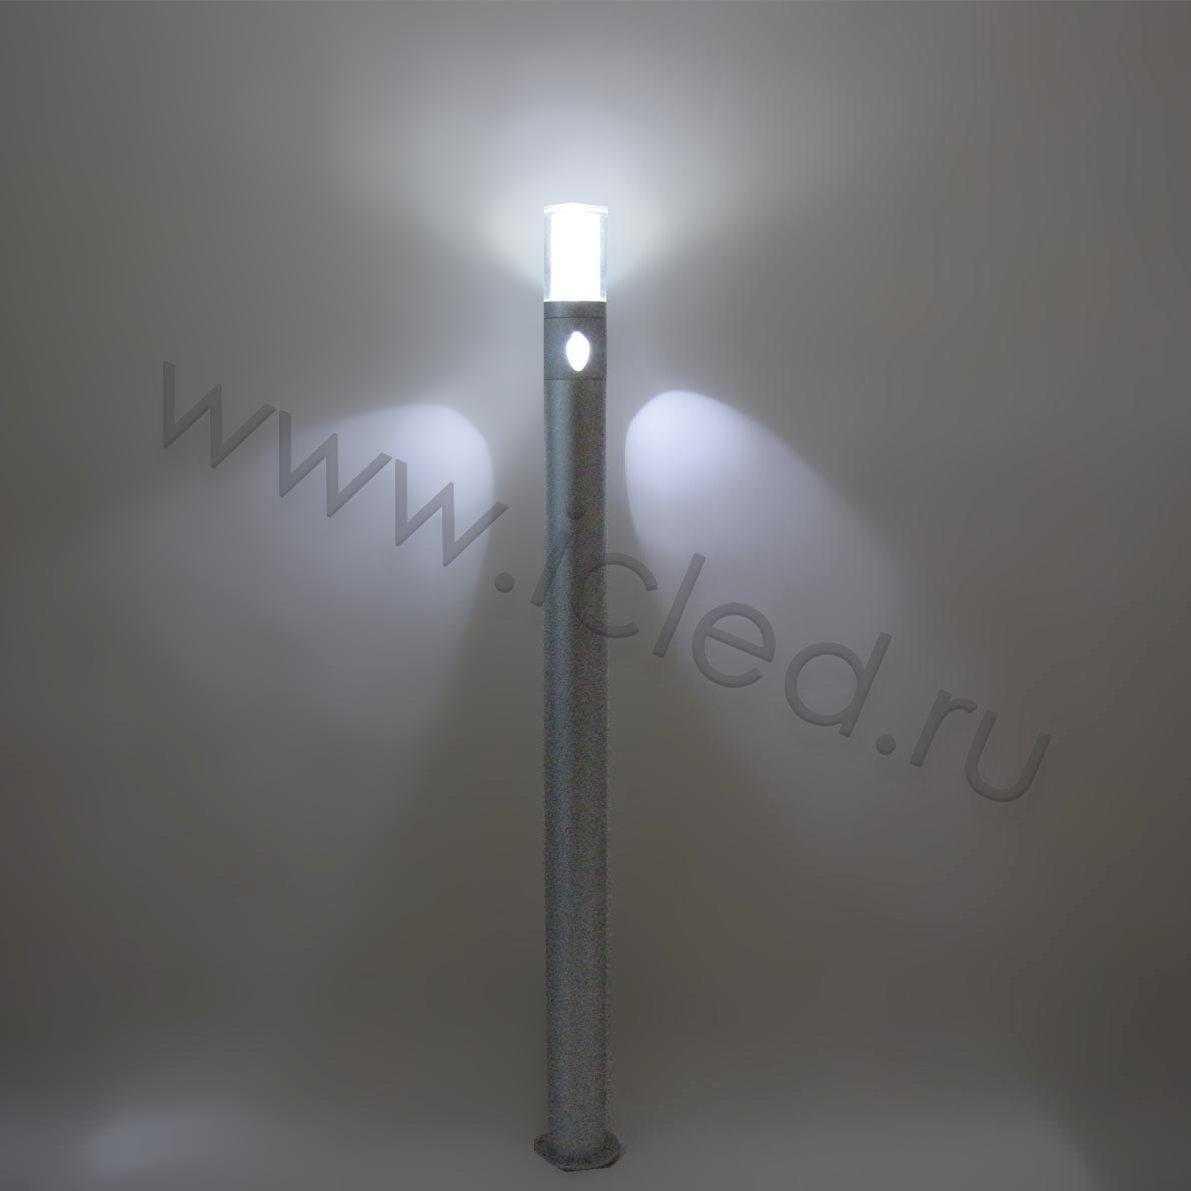 Светодиодный светильник столбик UCR7802D-1000 TA, White